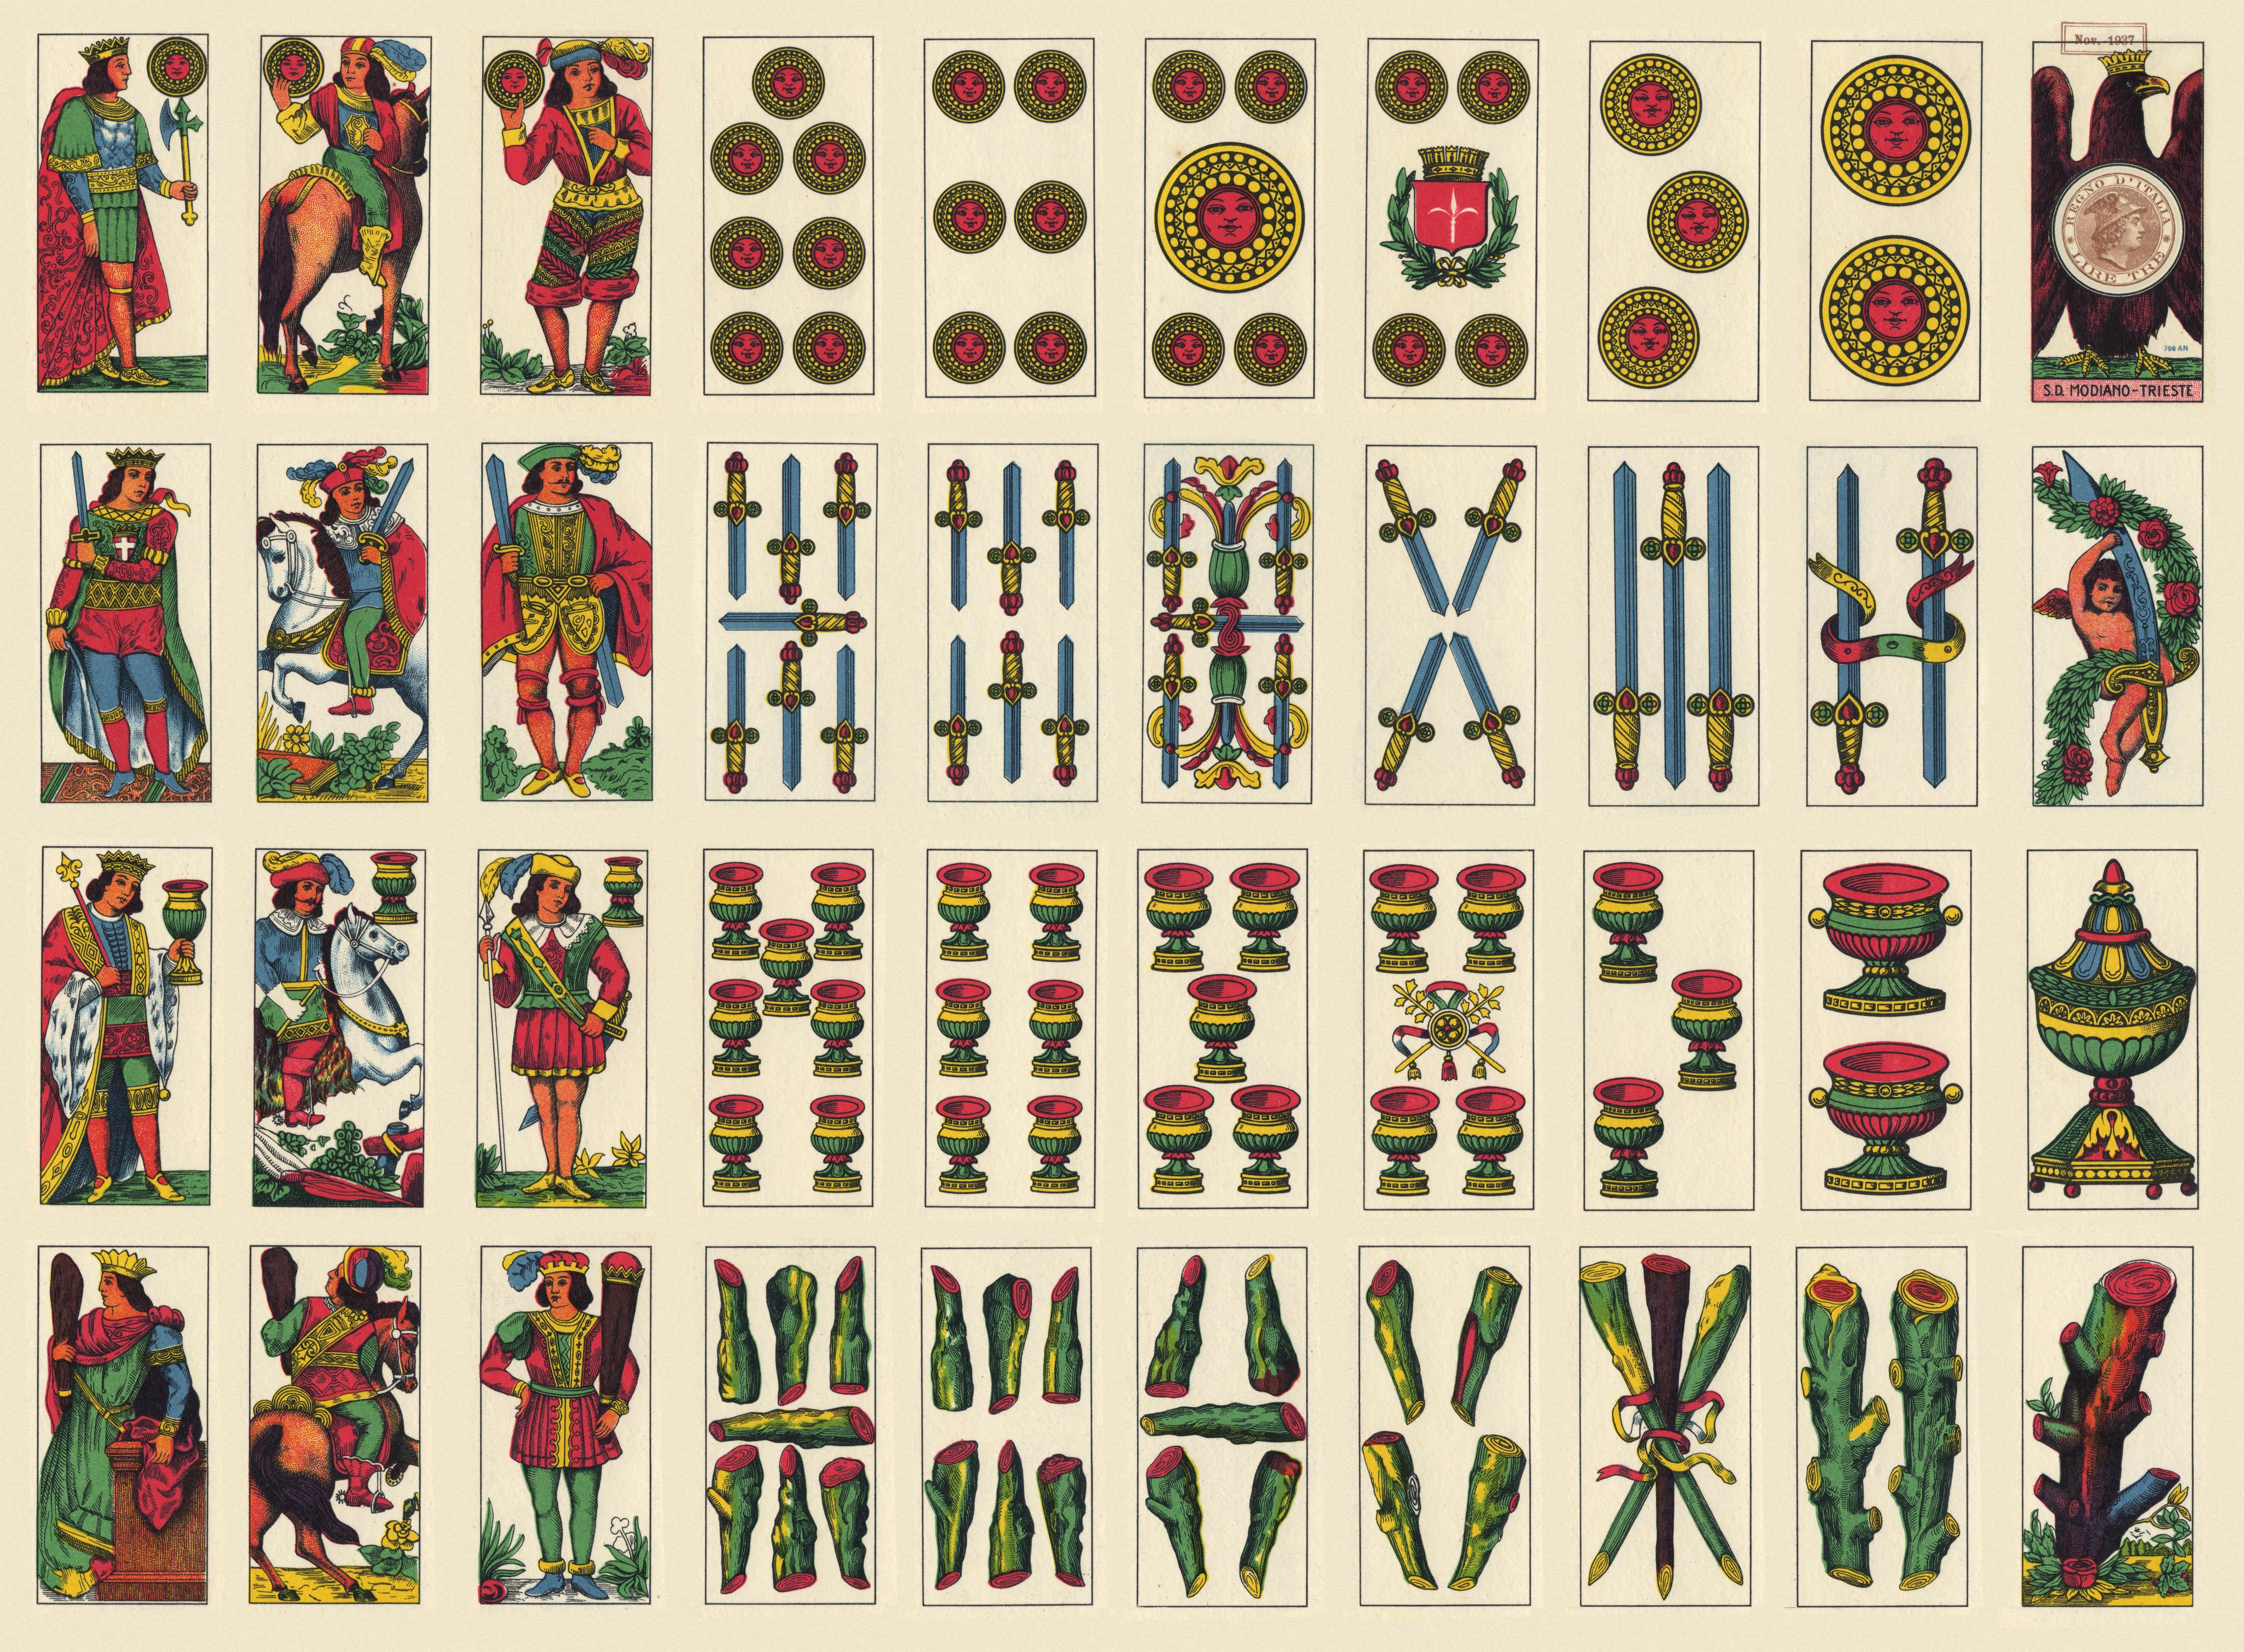 scopa jeu de cartes gratuit